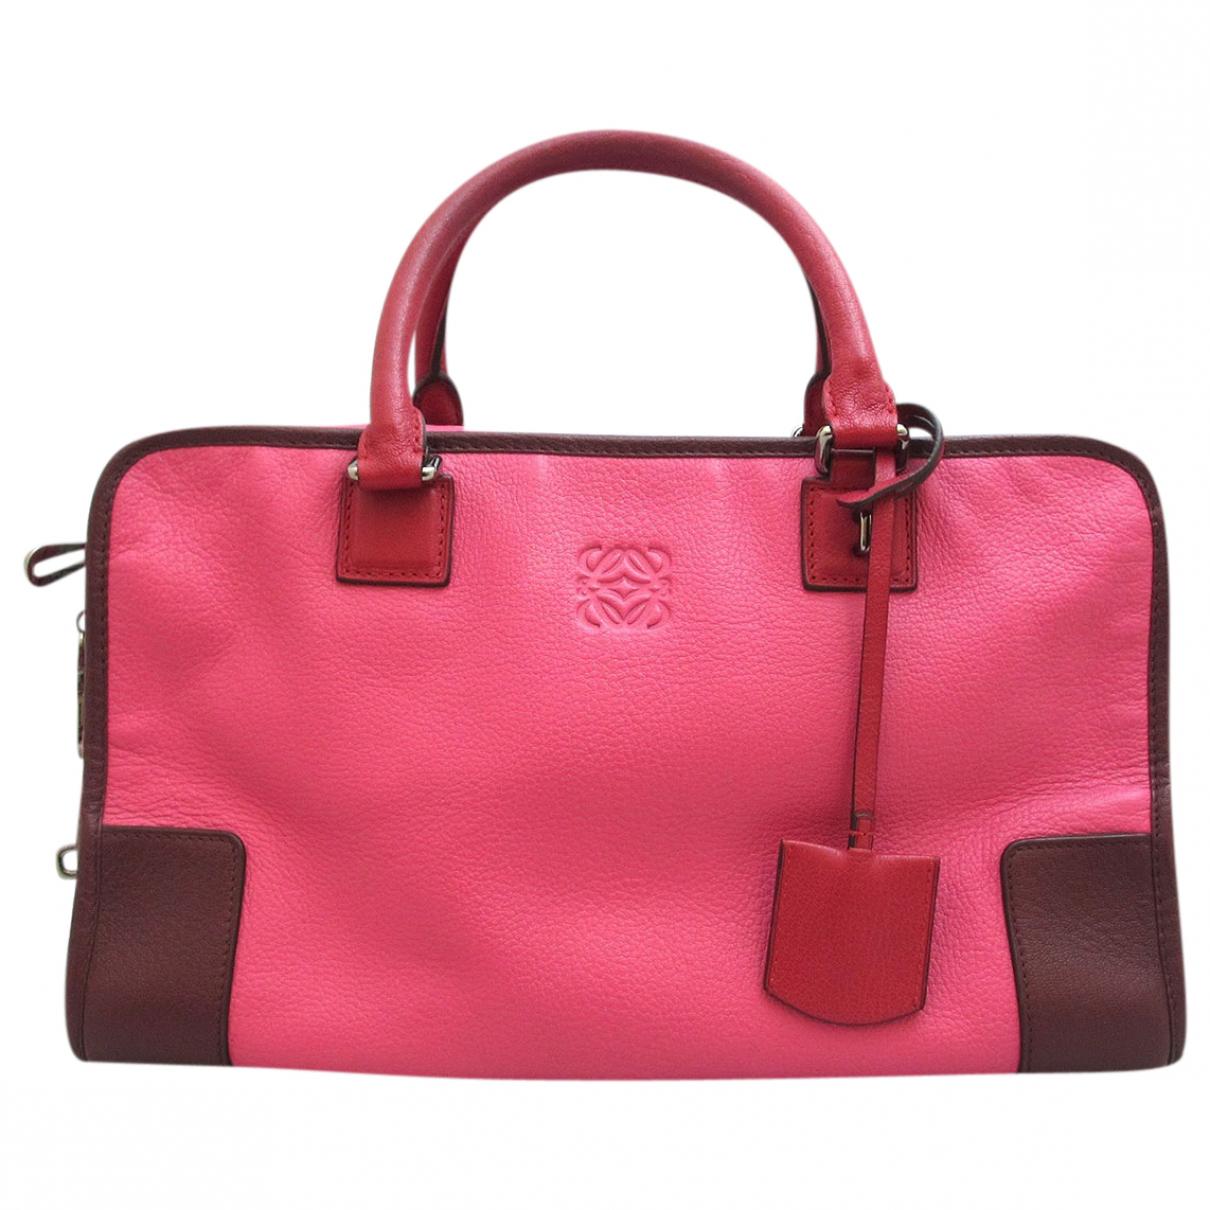 Loewe Amazona Pink Leather handbag for Women \N